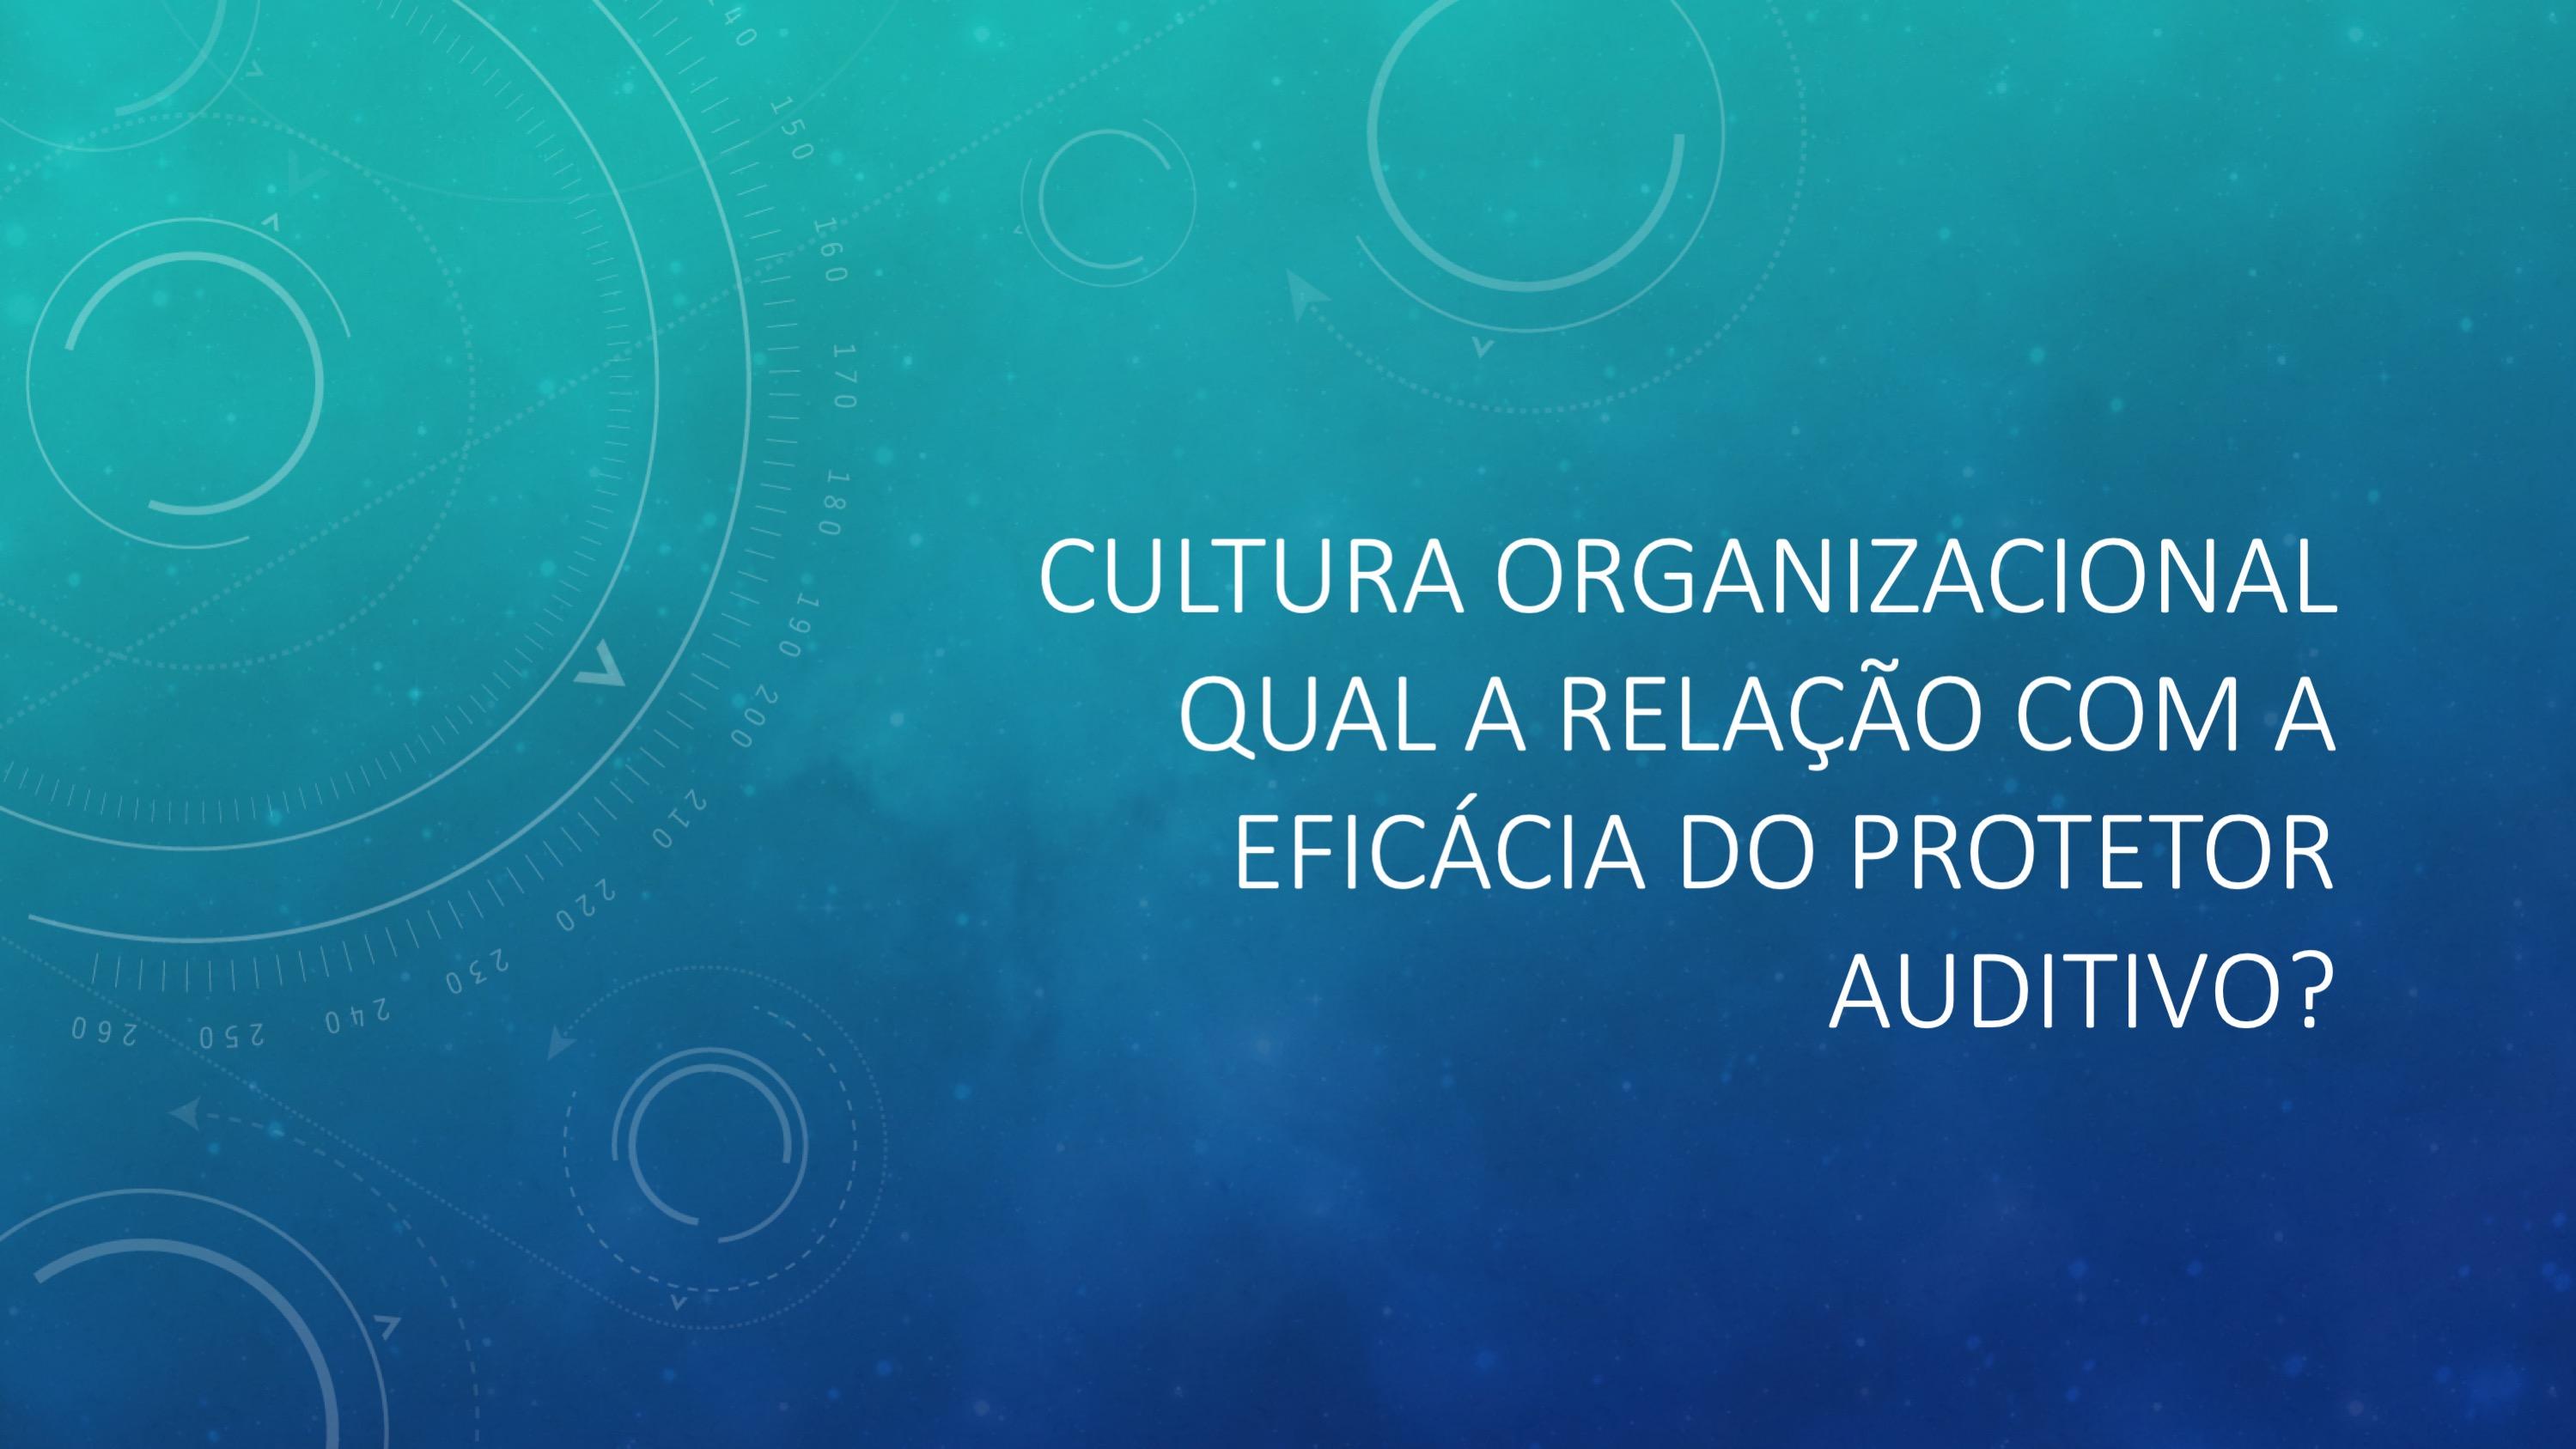 Cultura Organizacional: qual a relação com a Eficácia do Protetor Auditivo?